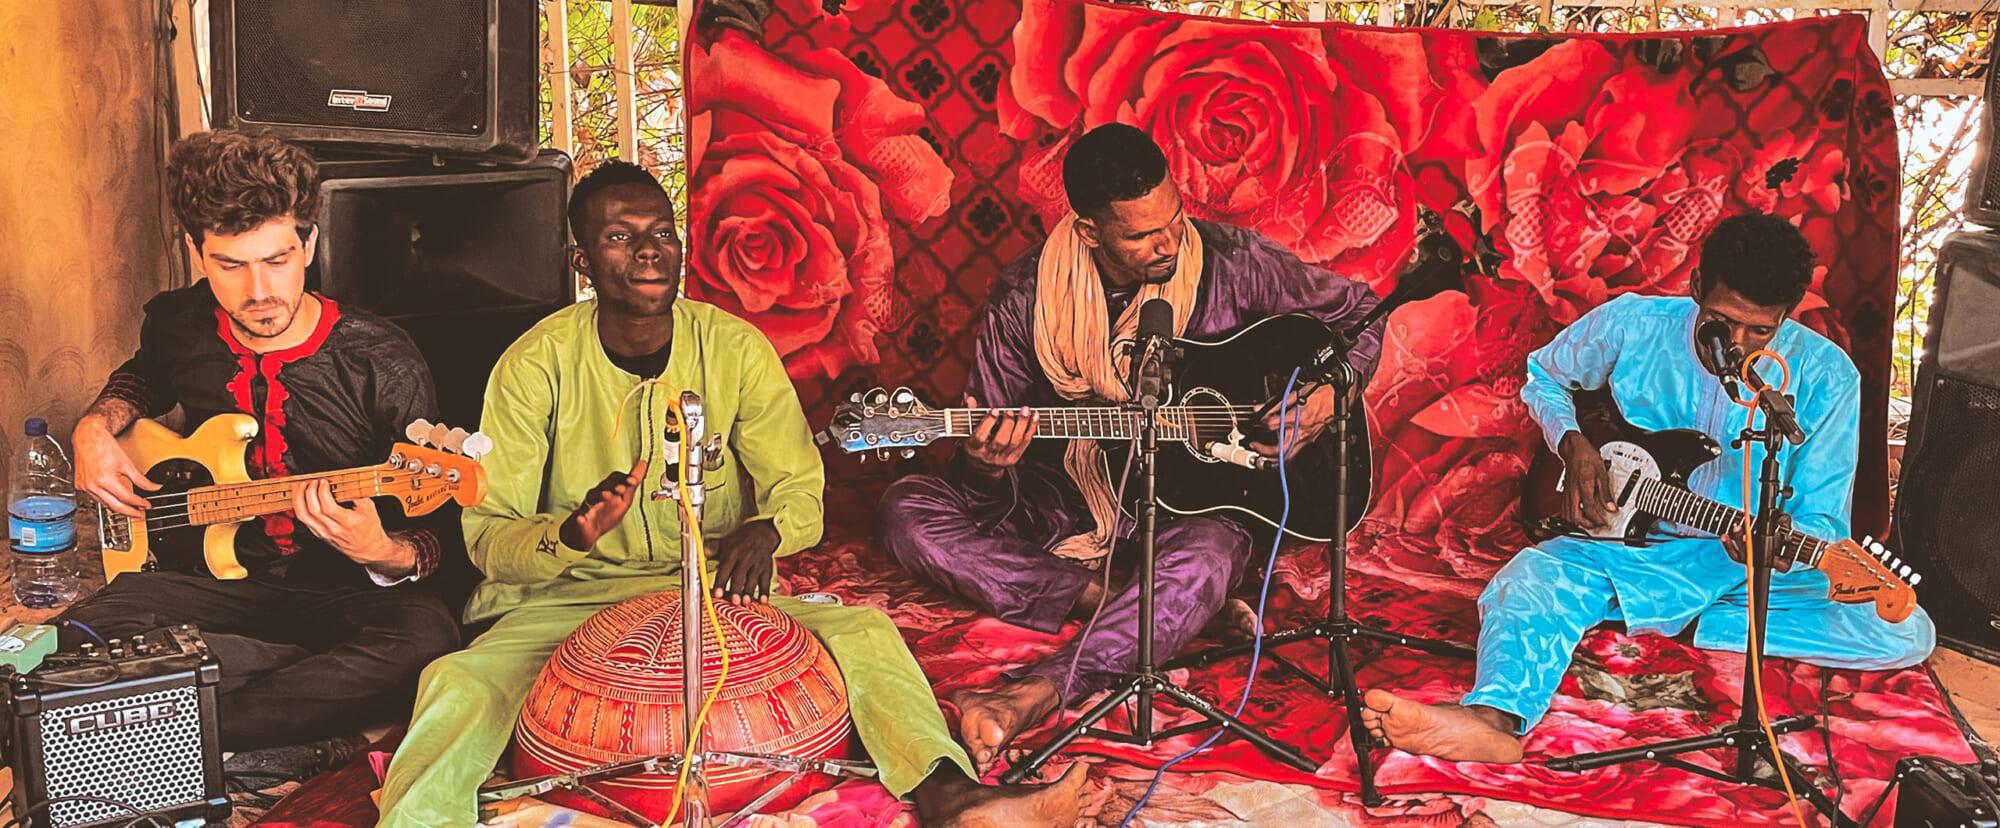 Interview|エムドゥ・モクター砂漠で鳴り響く激情のギター